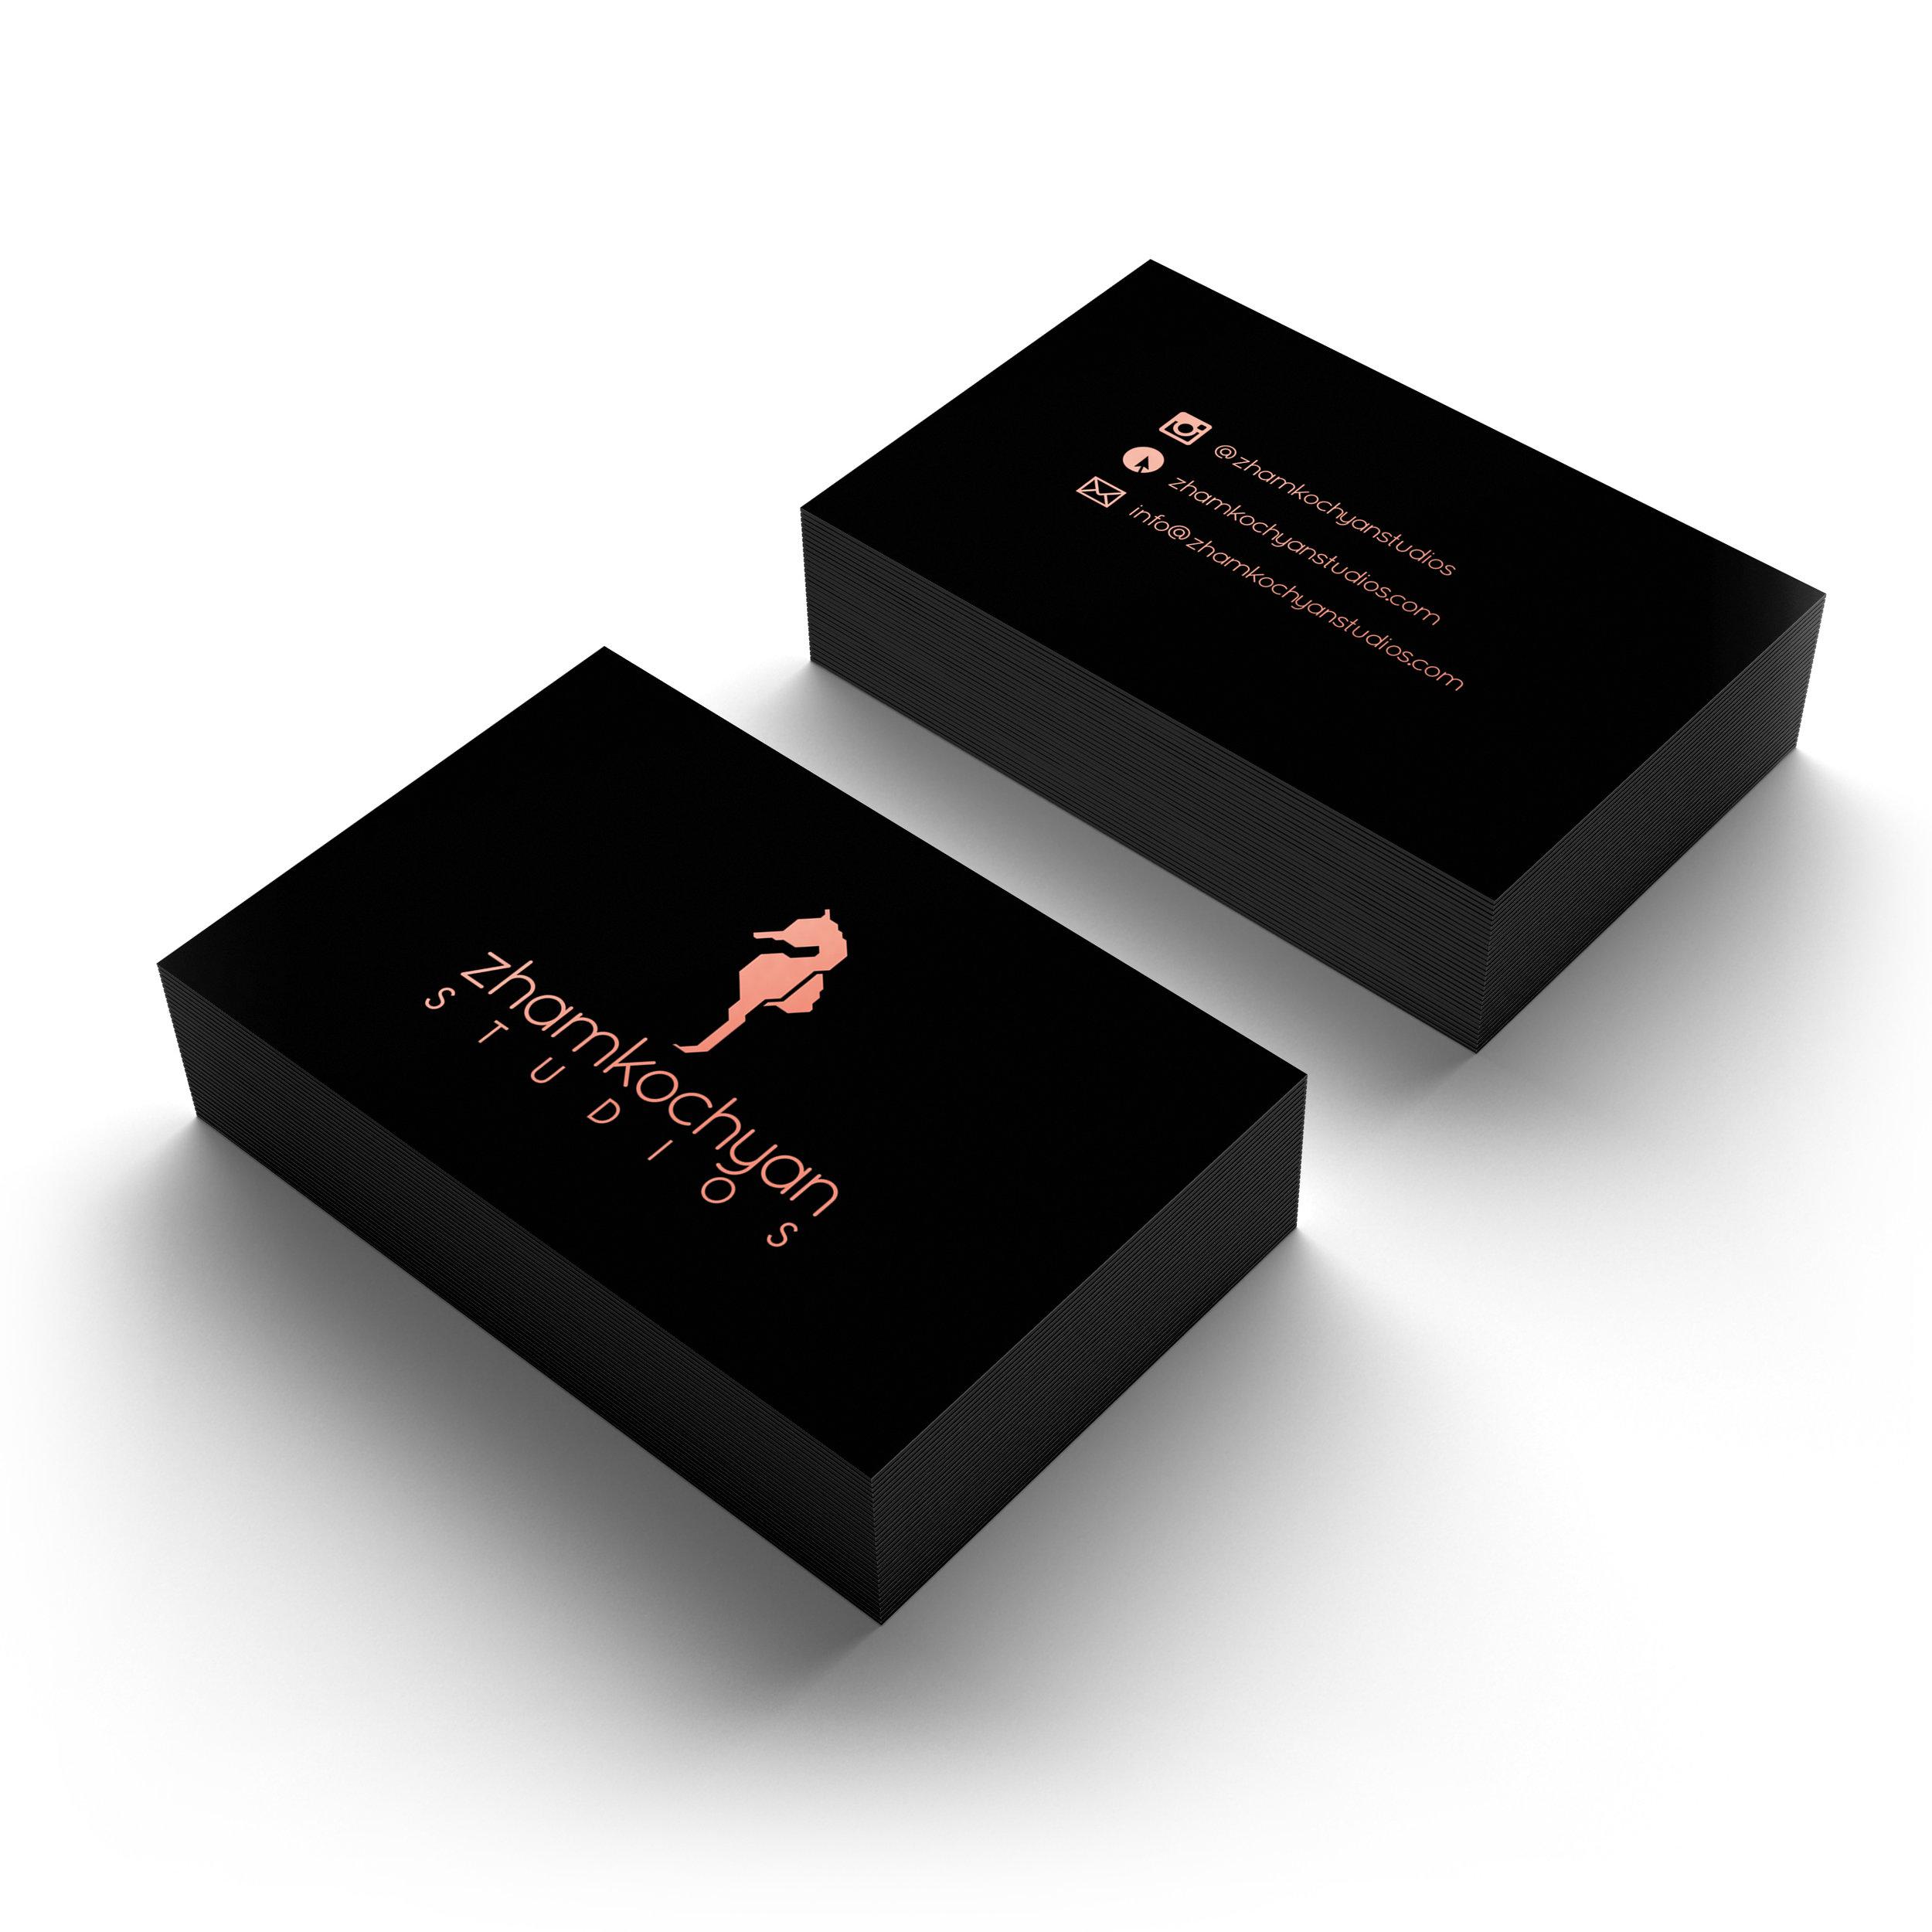 vahan-zhamkochyan-cards-2.jpg